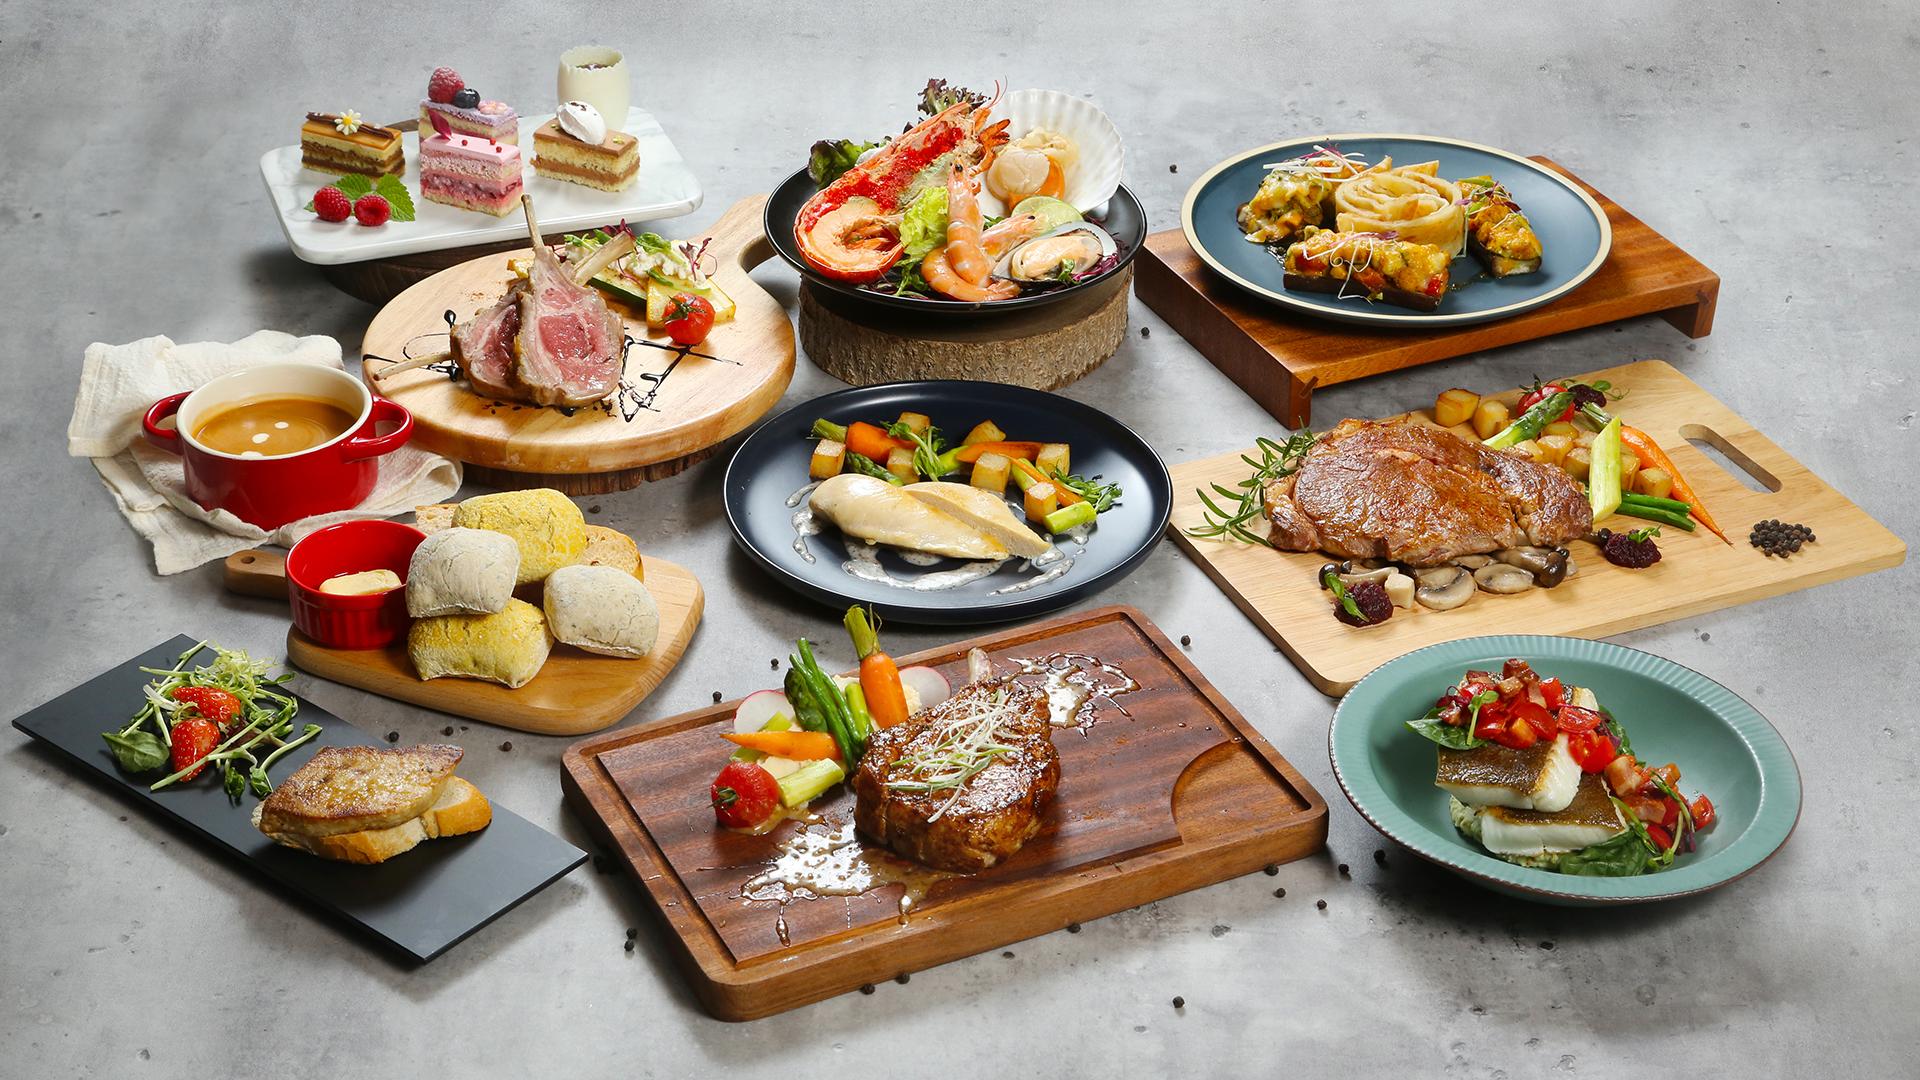 香港挪亞方舟豐盛閣餐廳 - 豐盛晚餐 / 海陸盛匯精品晚餐